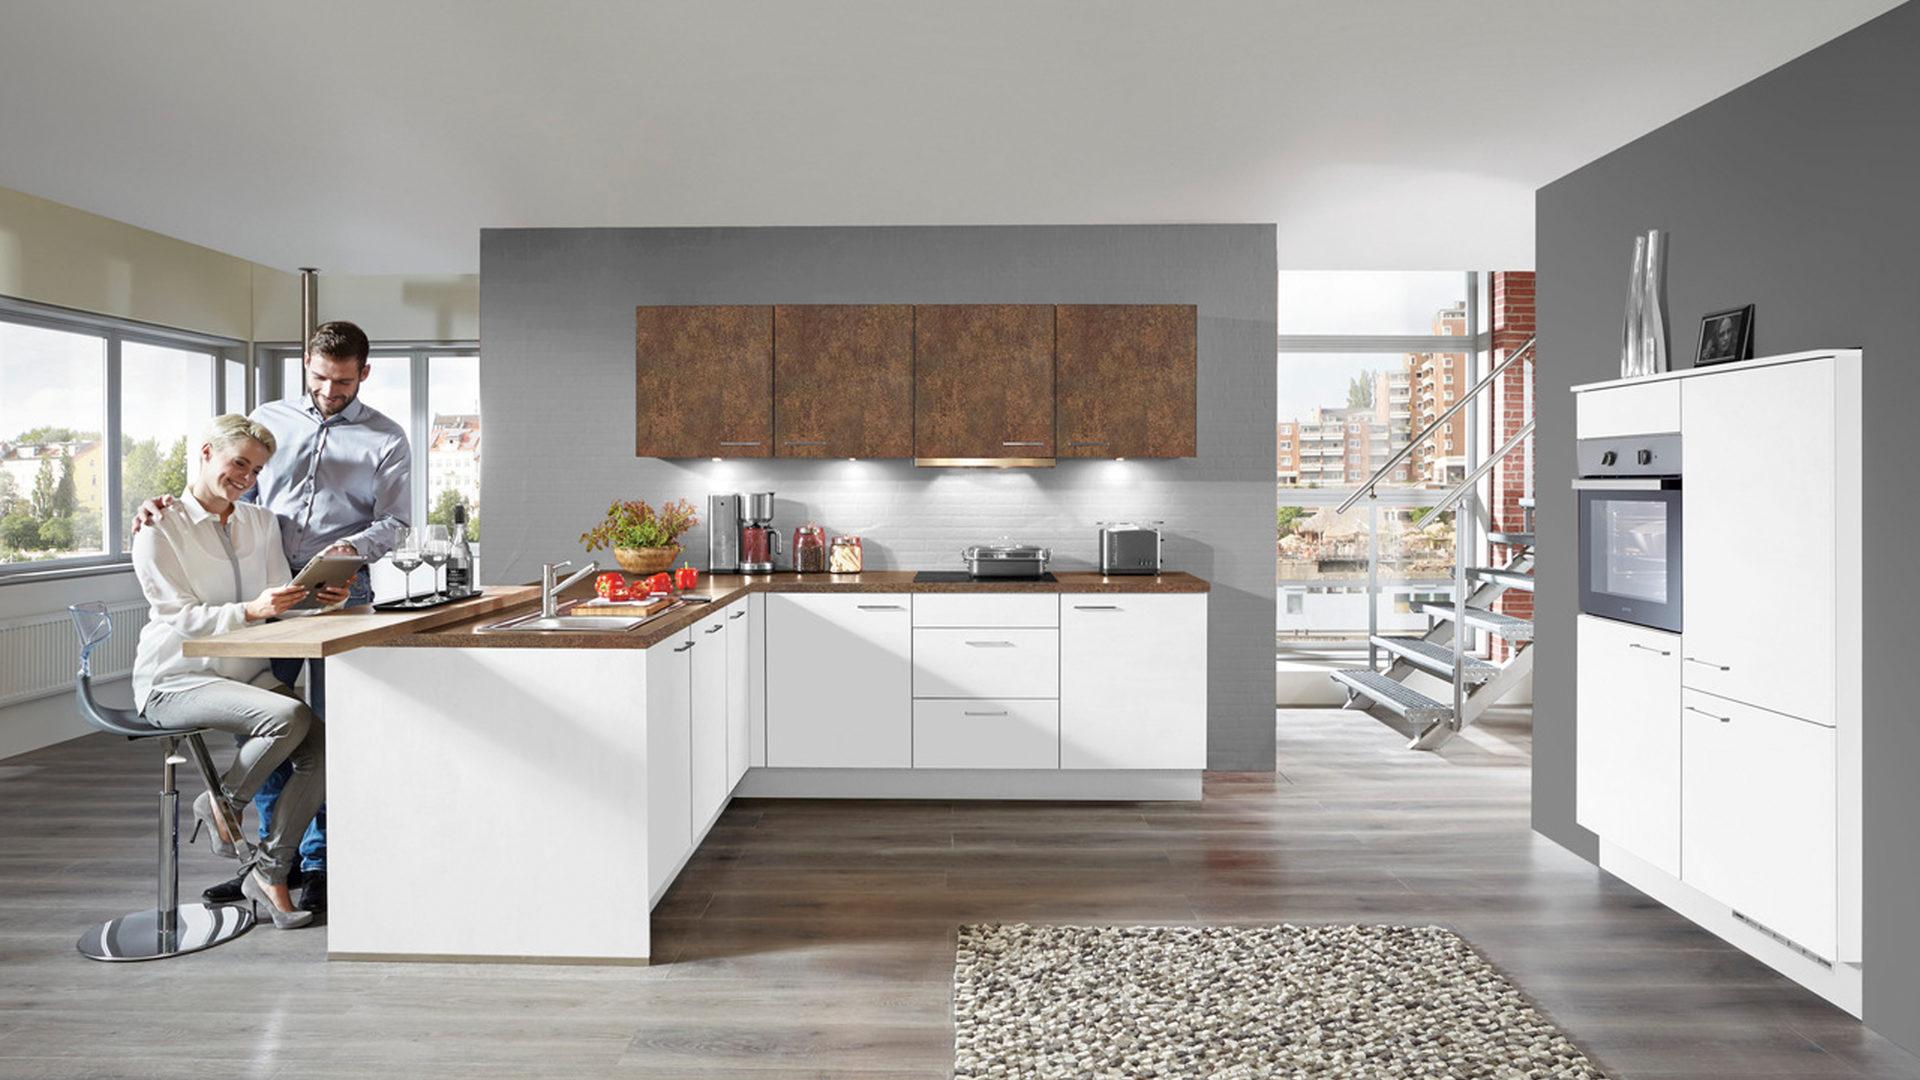 Wohnland Breitwieser , Räume, Küche, Einbauküche, Einbauküche mit ...